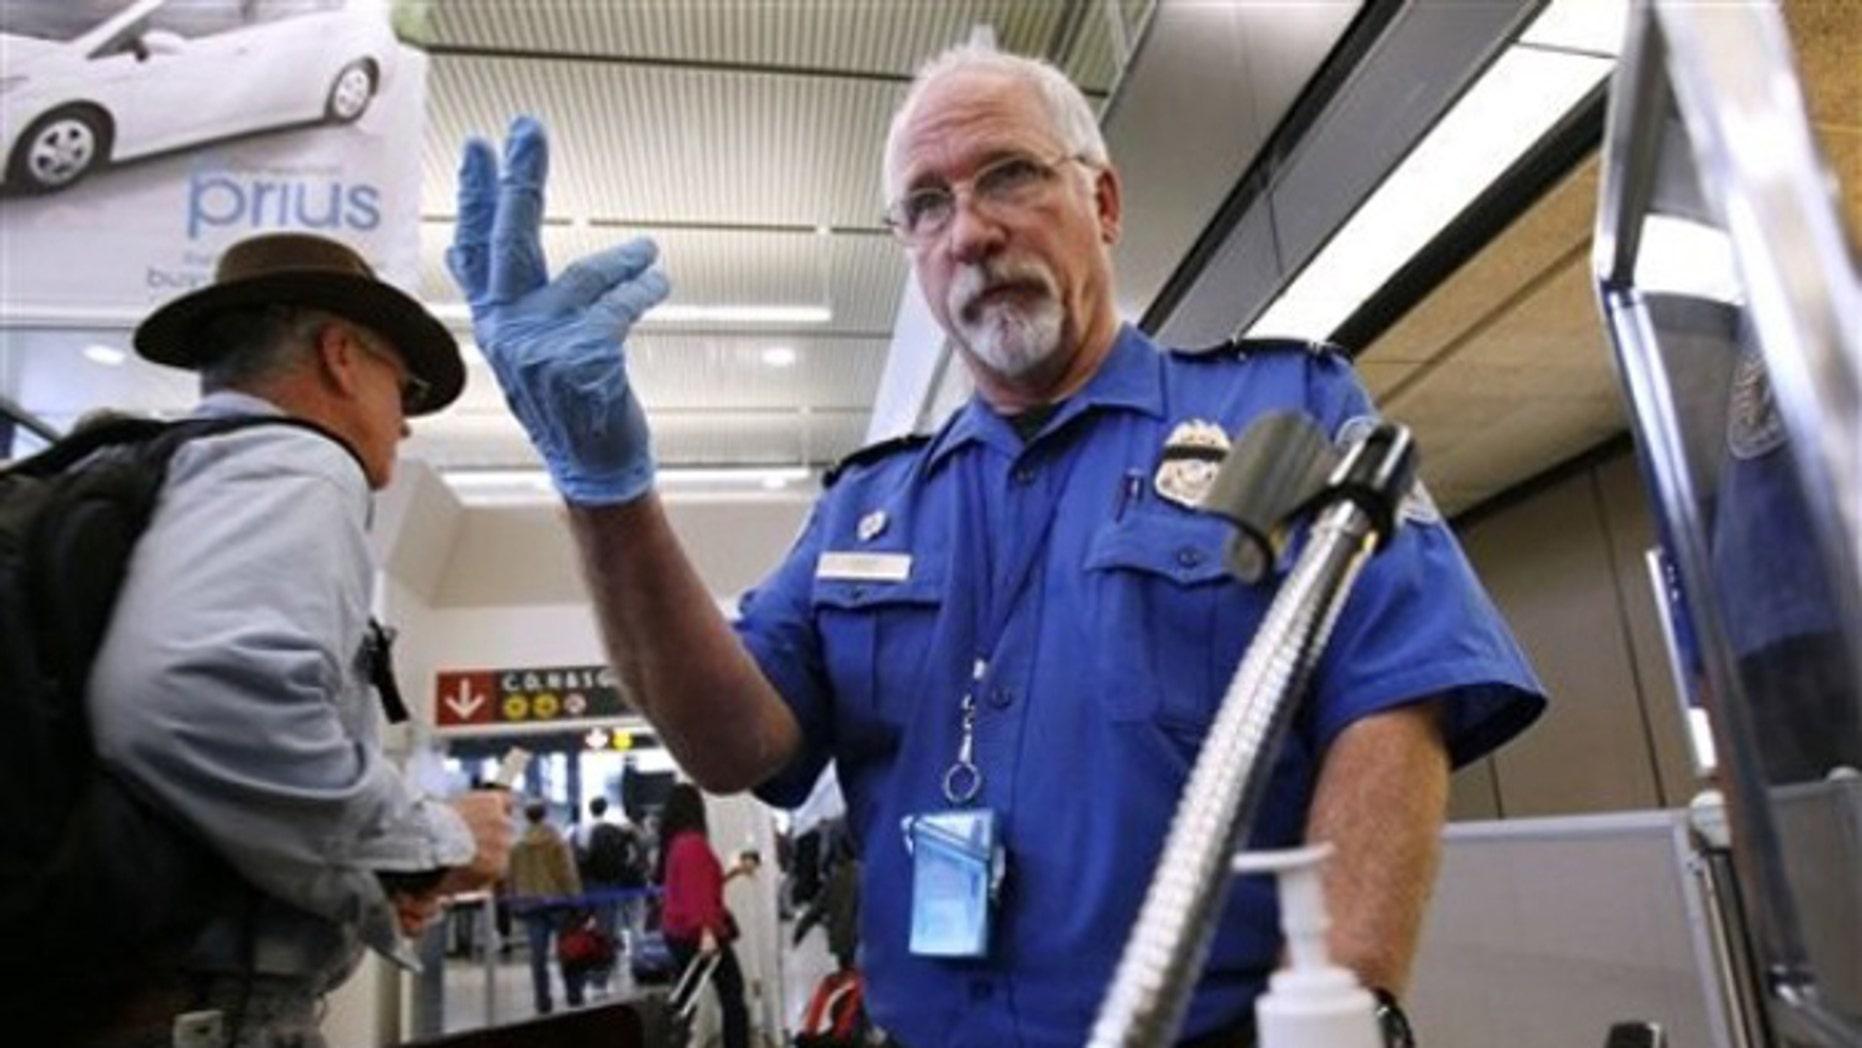 TSA officer Robert Howard signals an airline passenger forward at a security check-point at Seattle-Tacoma International Airport  Jan. 4. (AP Photo)